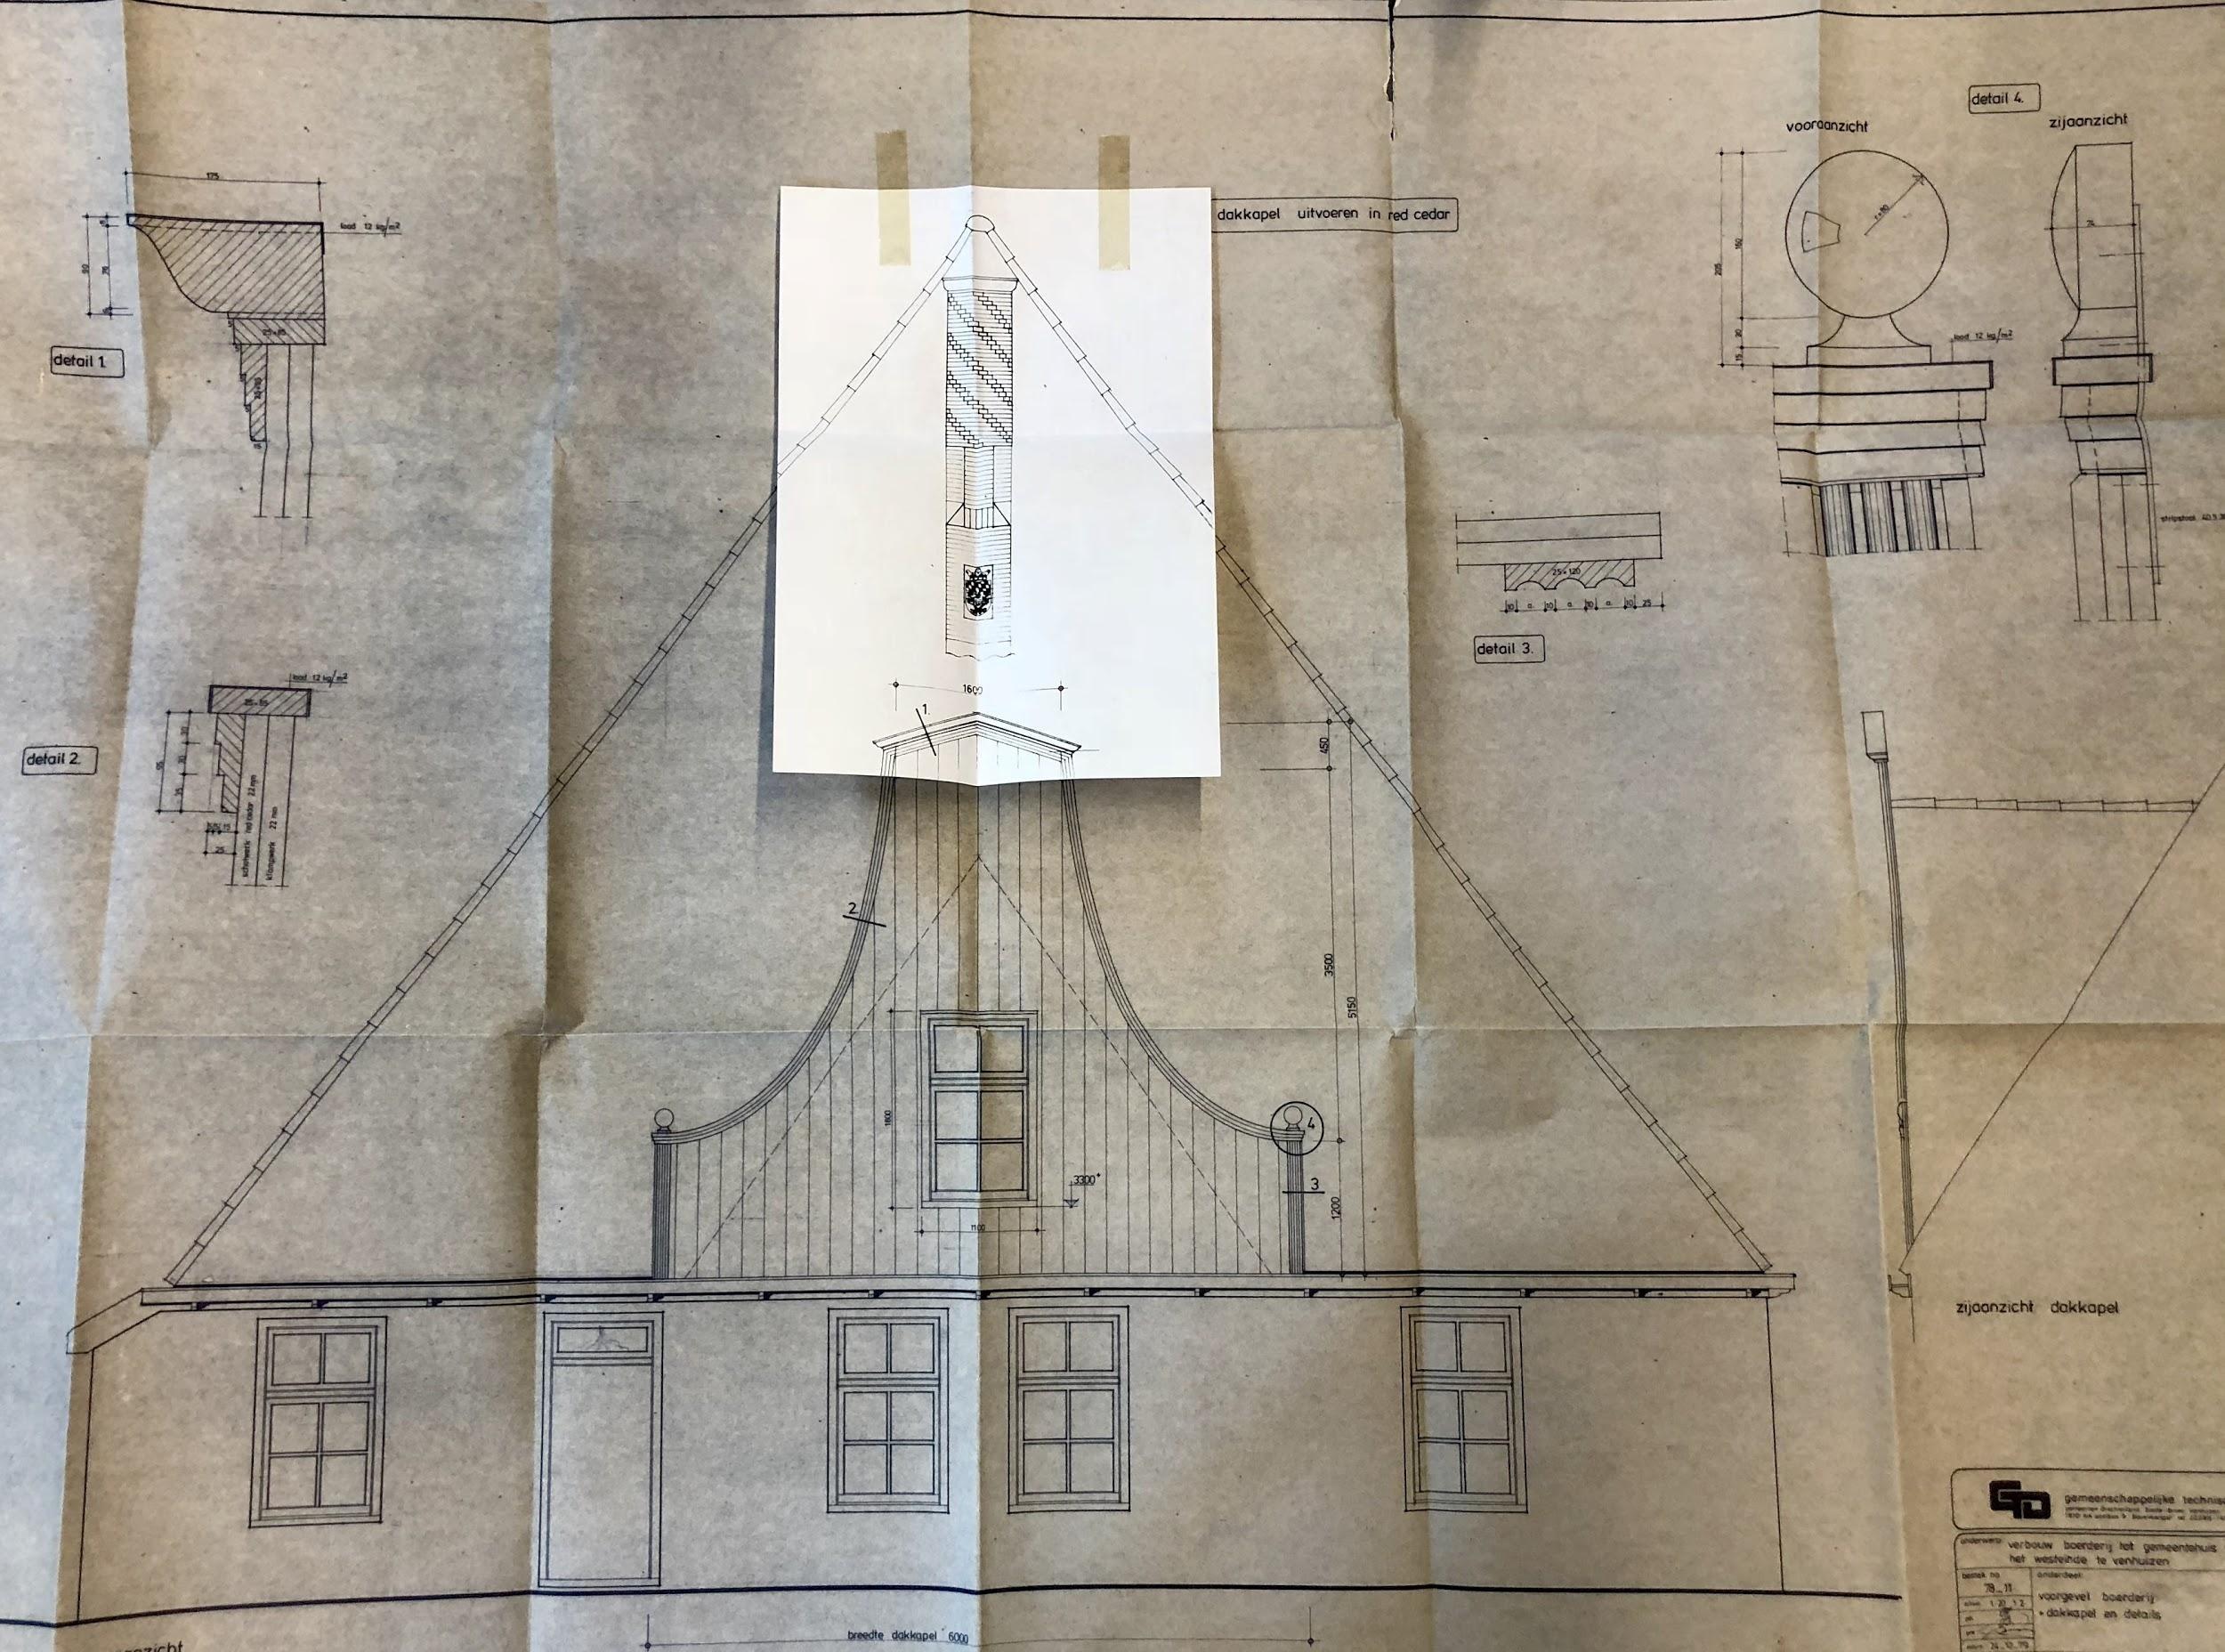 De bouwtekening van de stolp, waarop de traditionele ronde schoorsteen duidelijk te zien is. Bron: Westfries Archief.